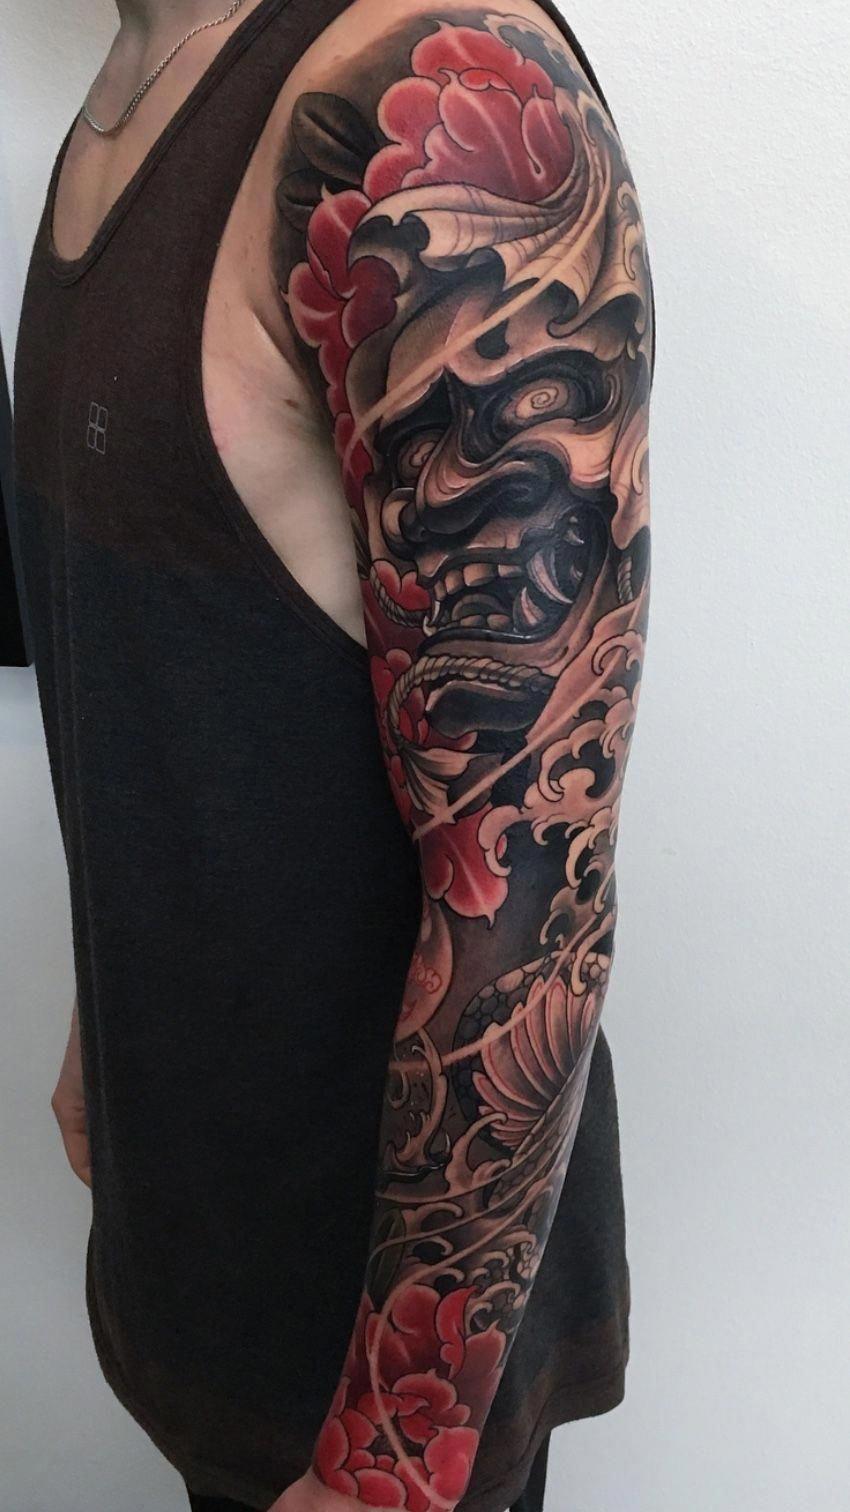 Full Half Sleeve Tattoos Fullsleevetattoos Traditional Japanese Tattoo Designs Japanese Tattoo Designs Traditional Japanese Tattoos